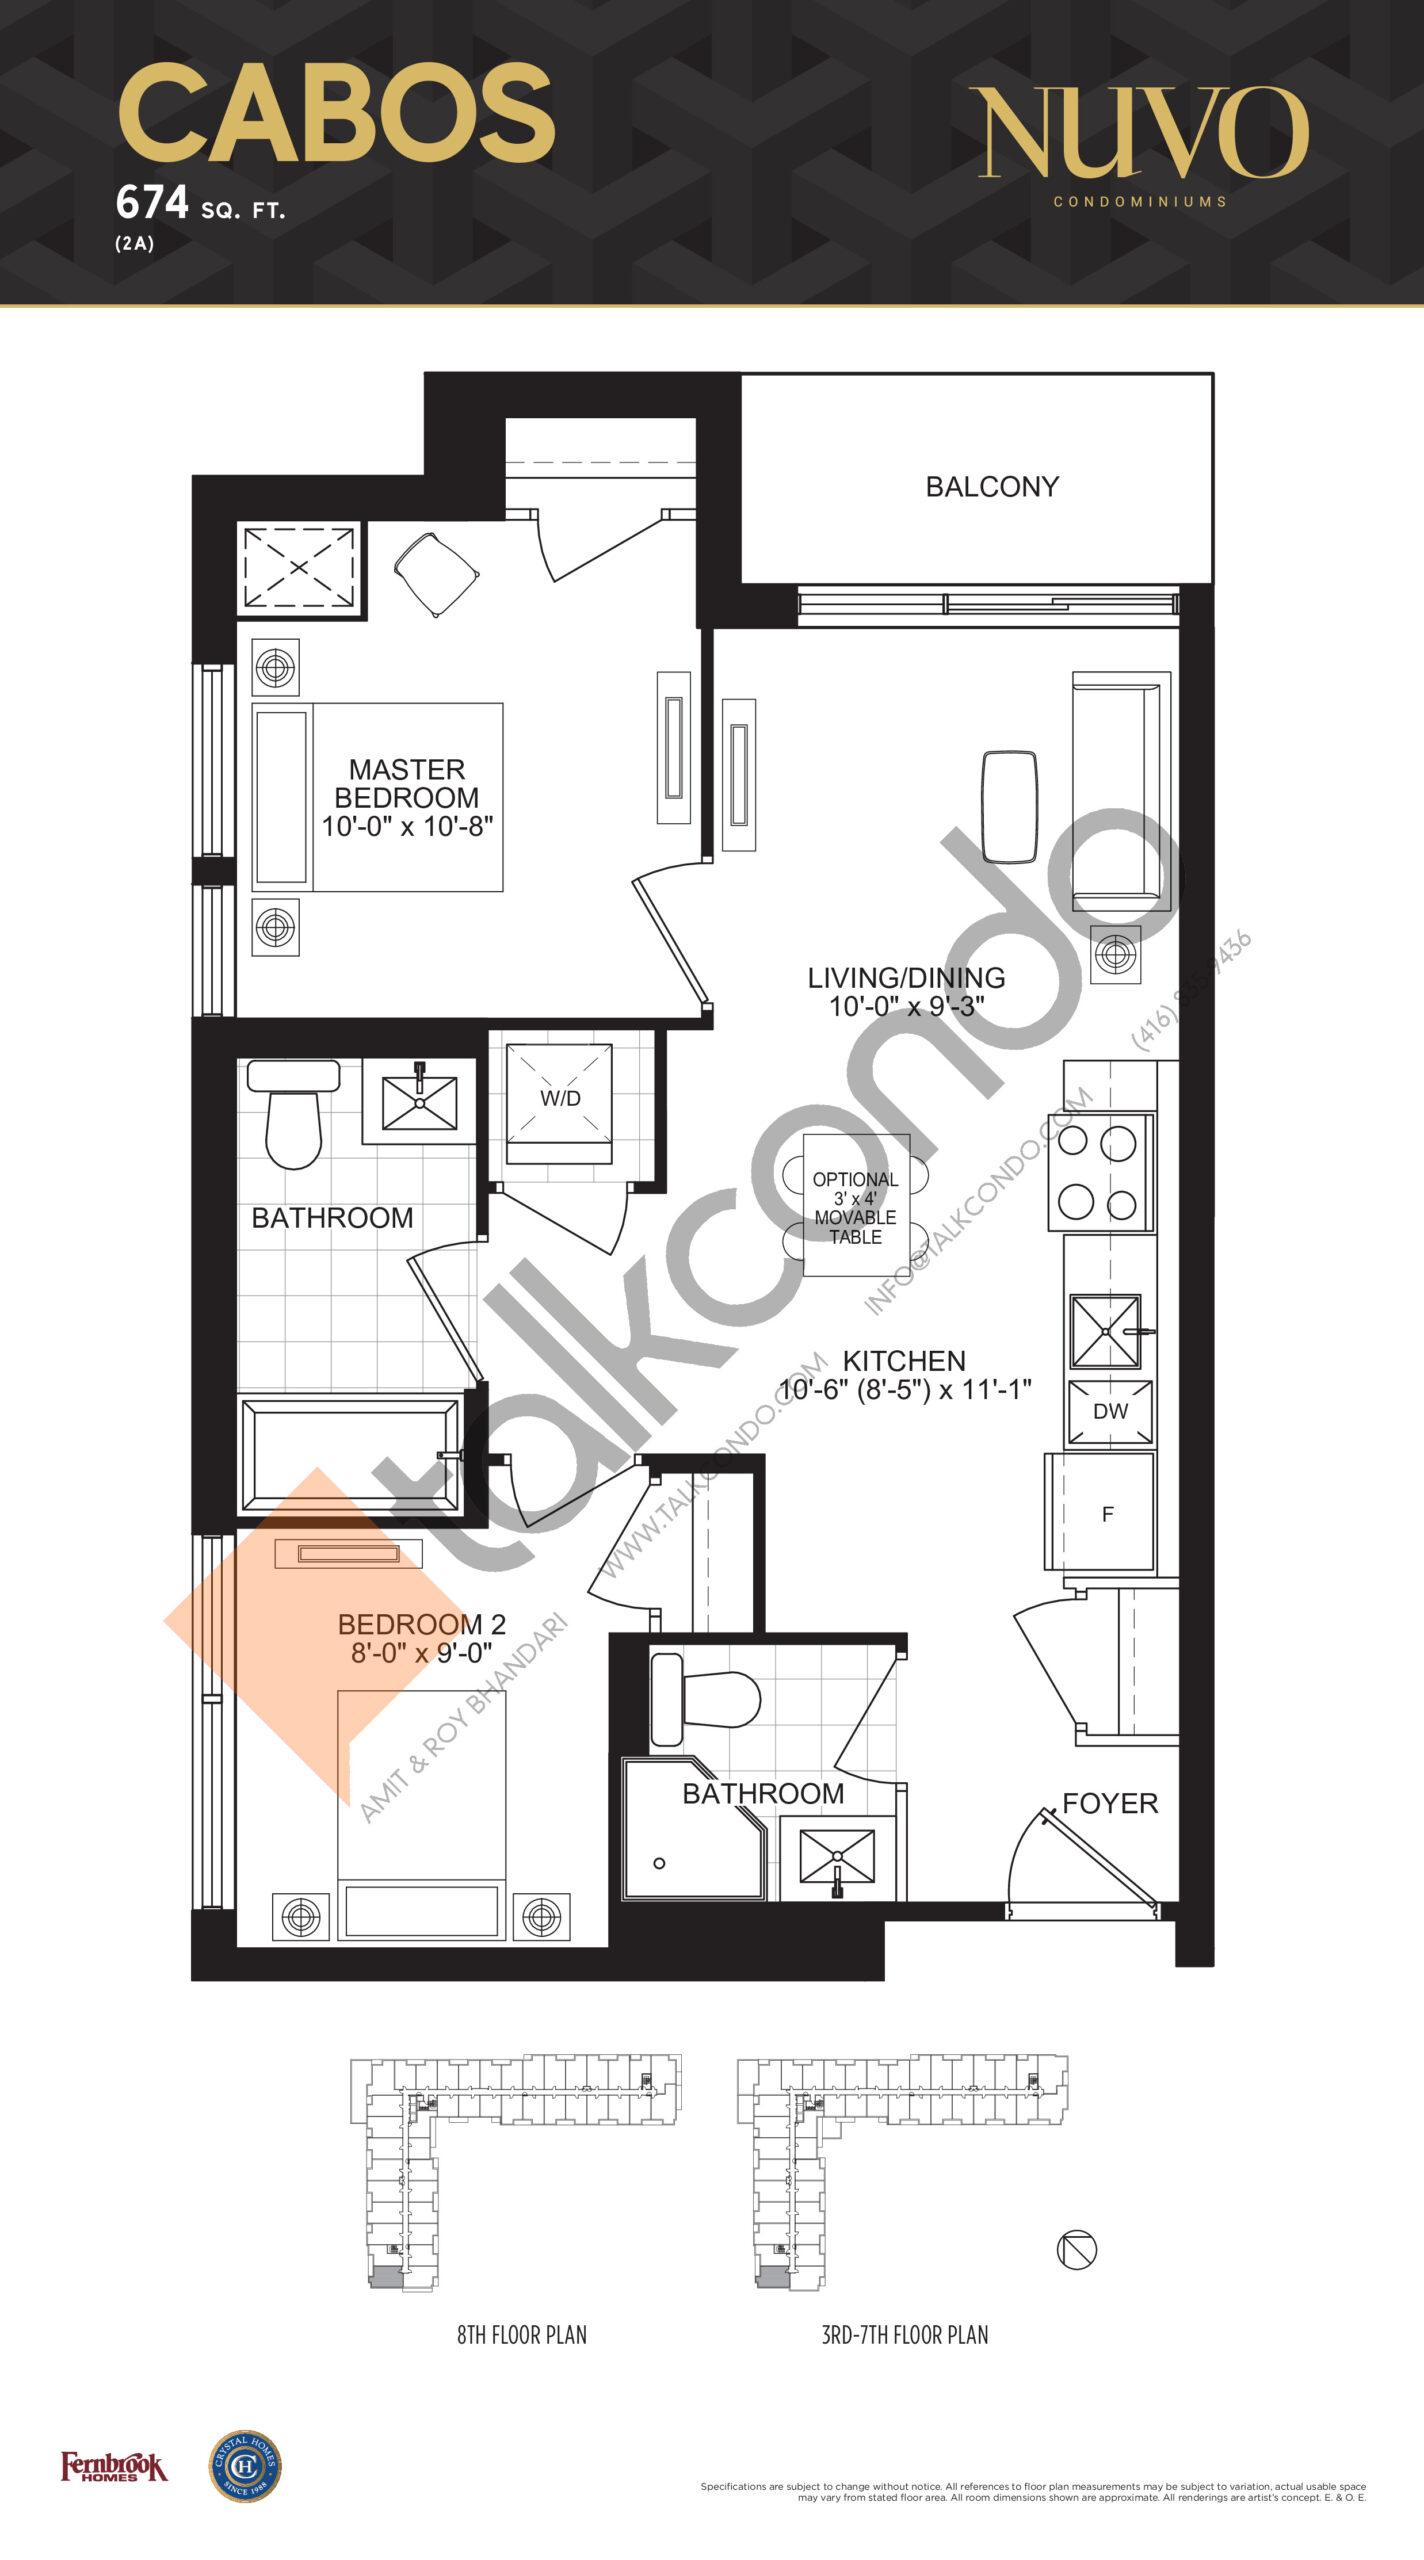 Cabos Floor Plan at Nuvo Condos - 674 sq.ft